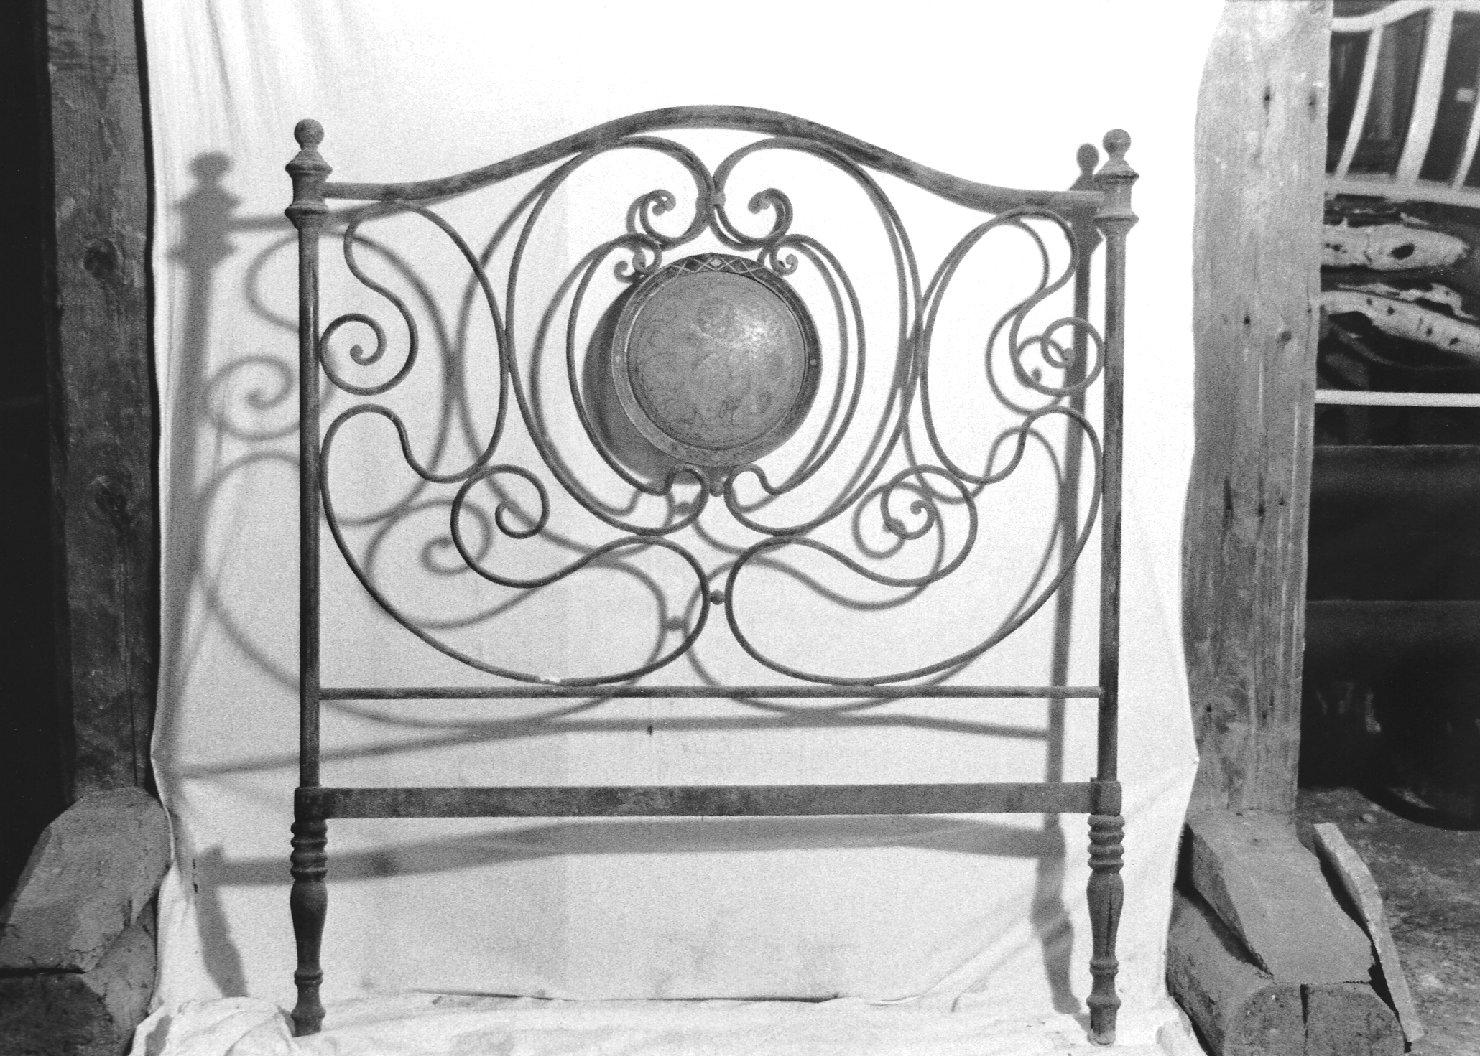 testiera di letto, opera isolata - manifattura Italia settentrionale (seconda metà sec. XIX)